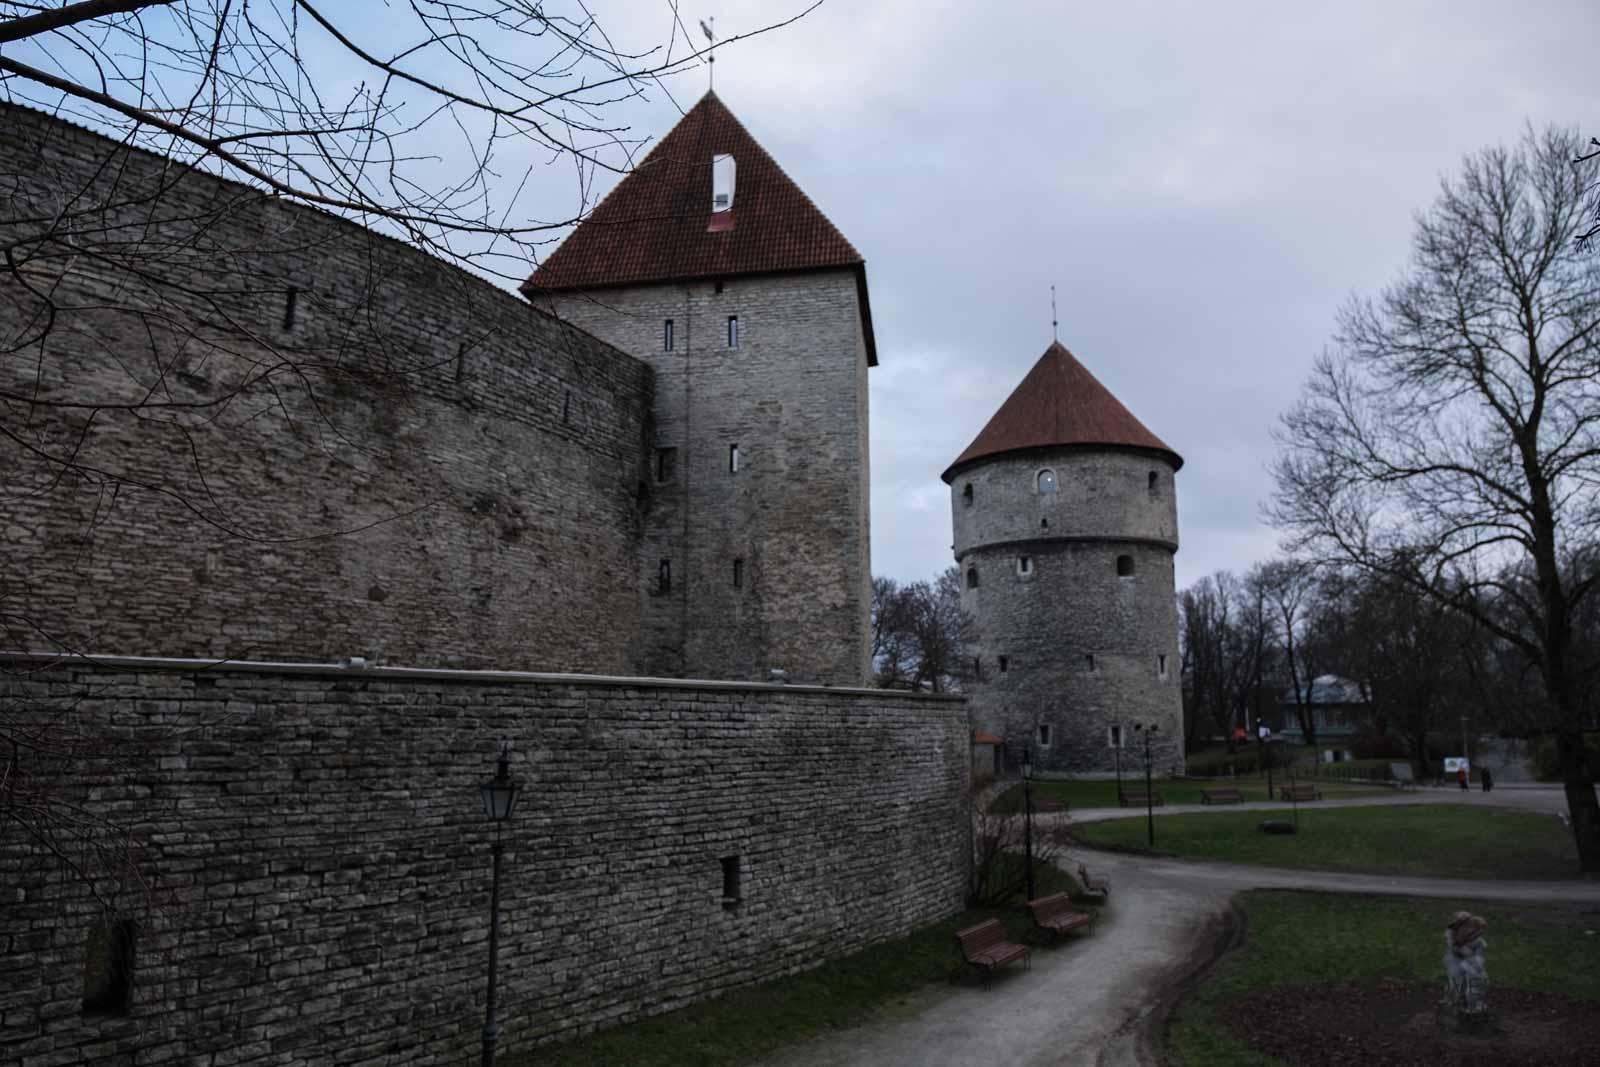 DIe Stadtmauer mit dem Kanonenturm Kiek in de Kök im Hintergrund